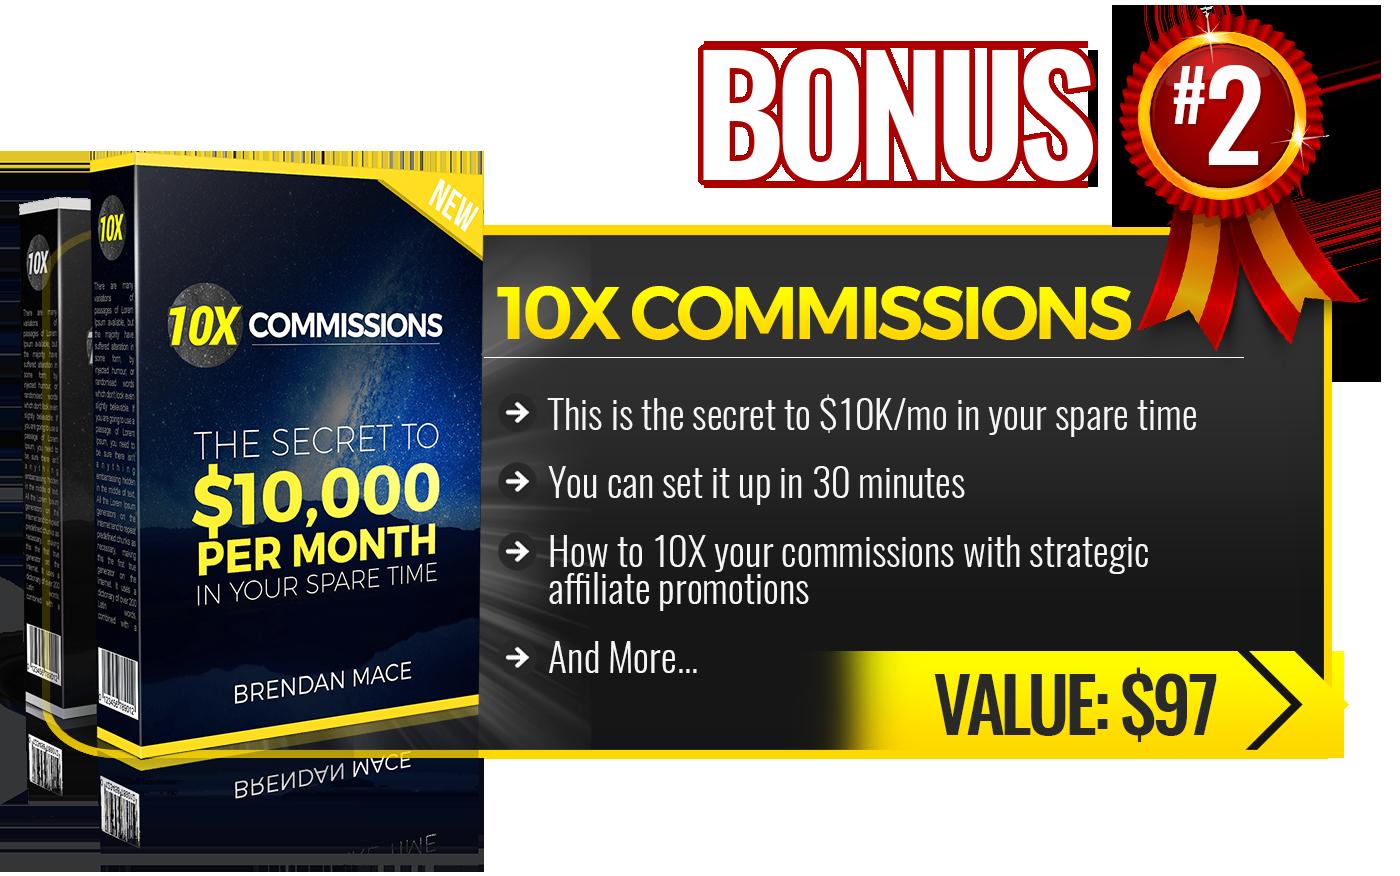 10xCommissions Bonus